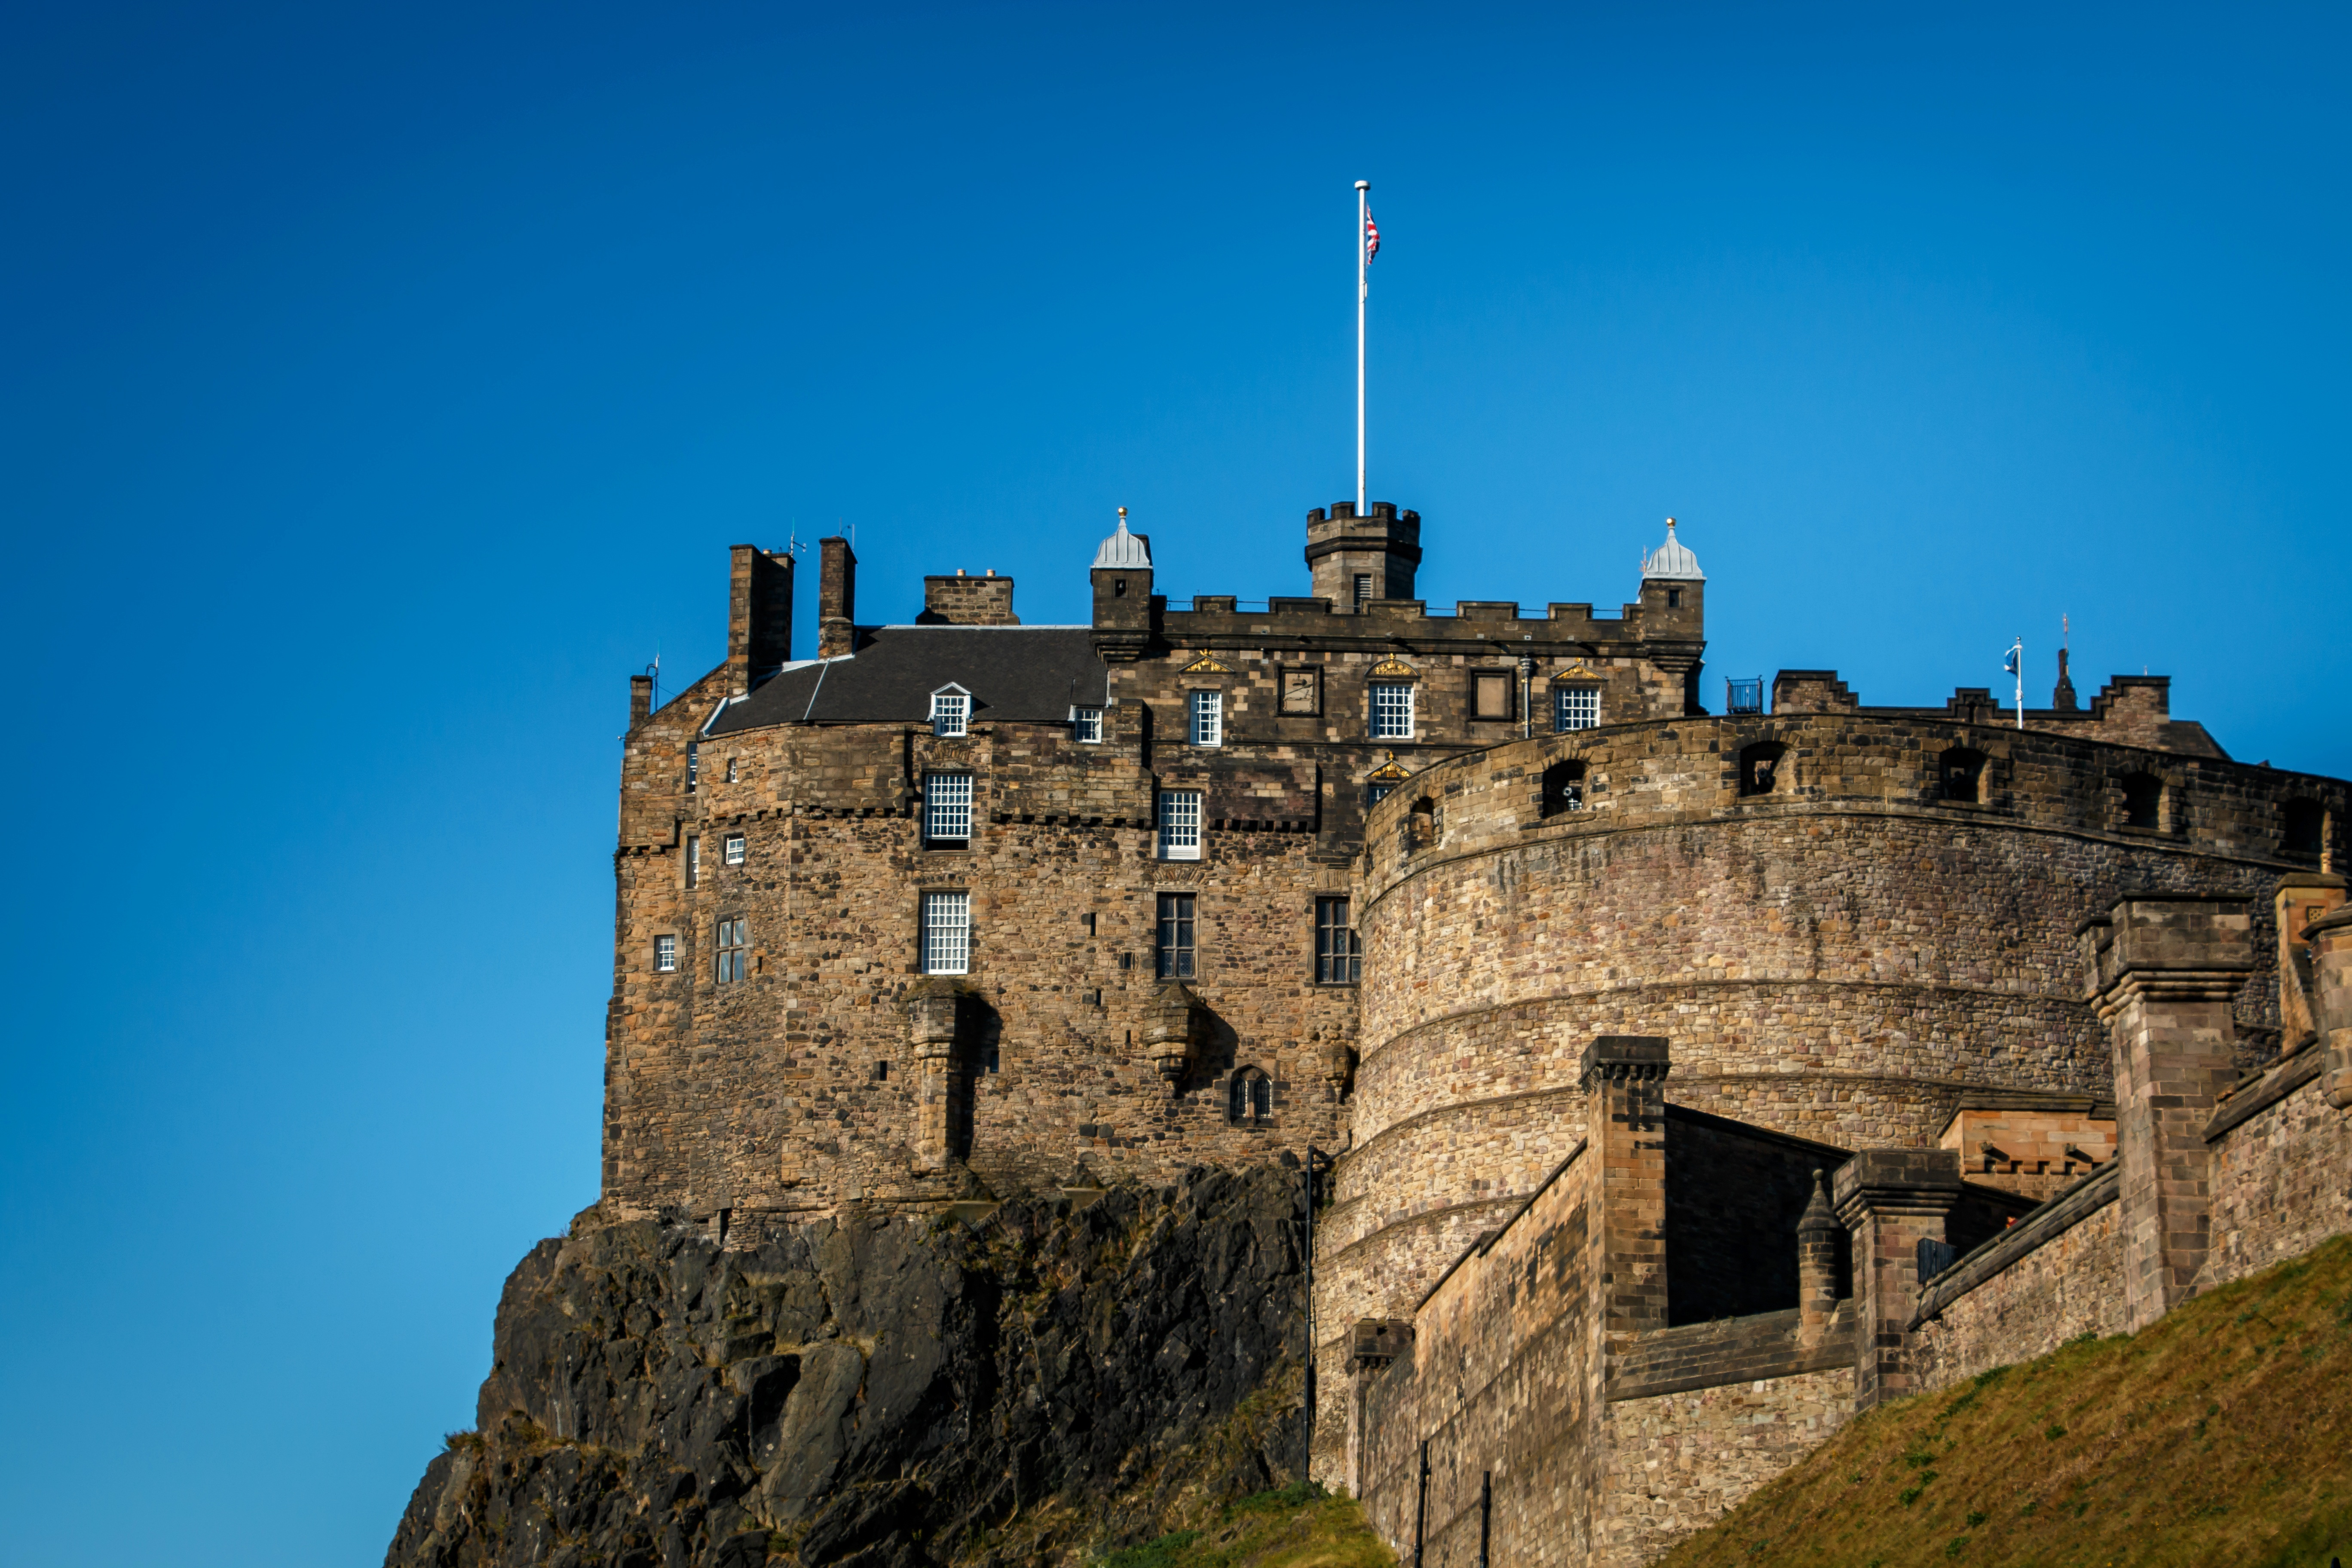 Castle Overlooking Town